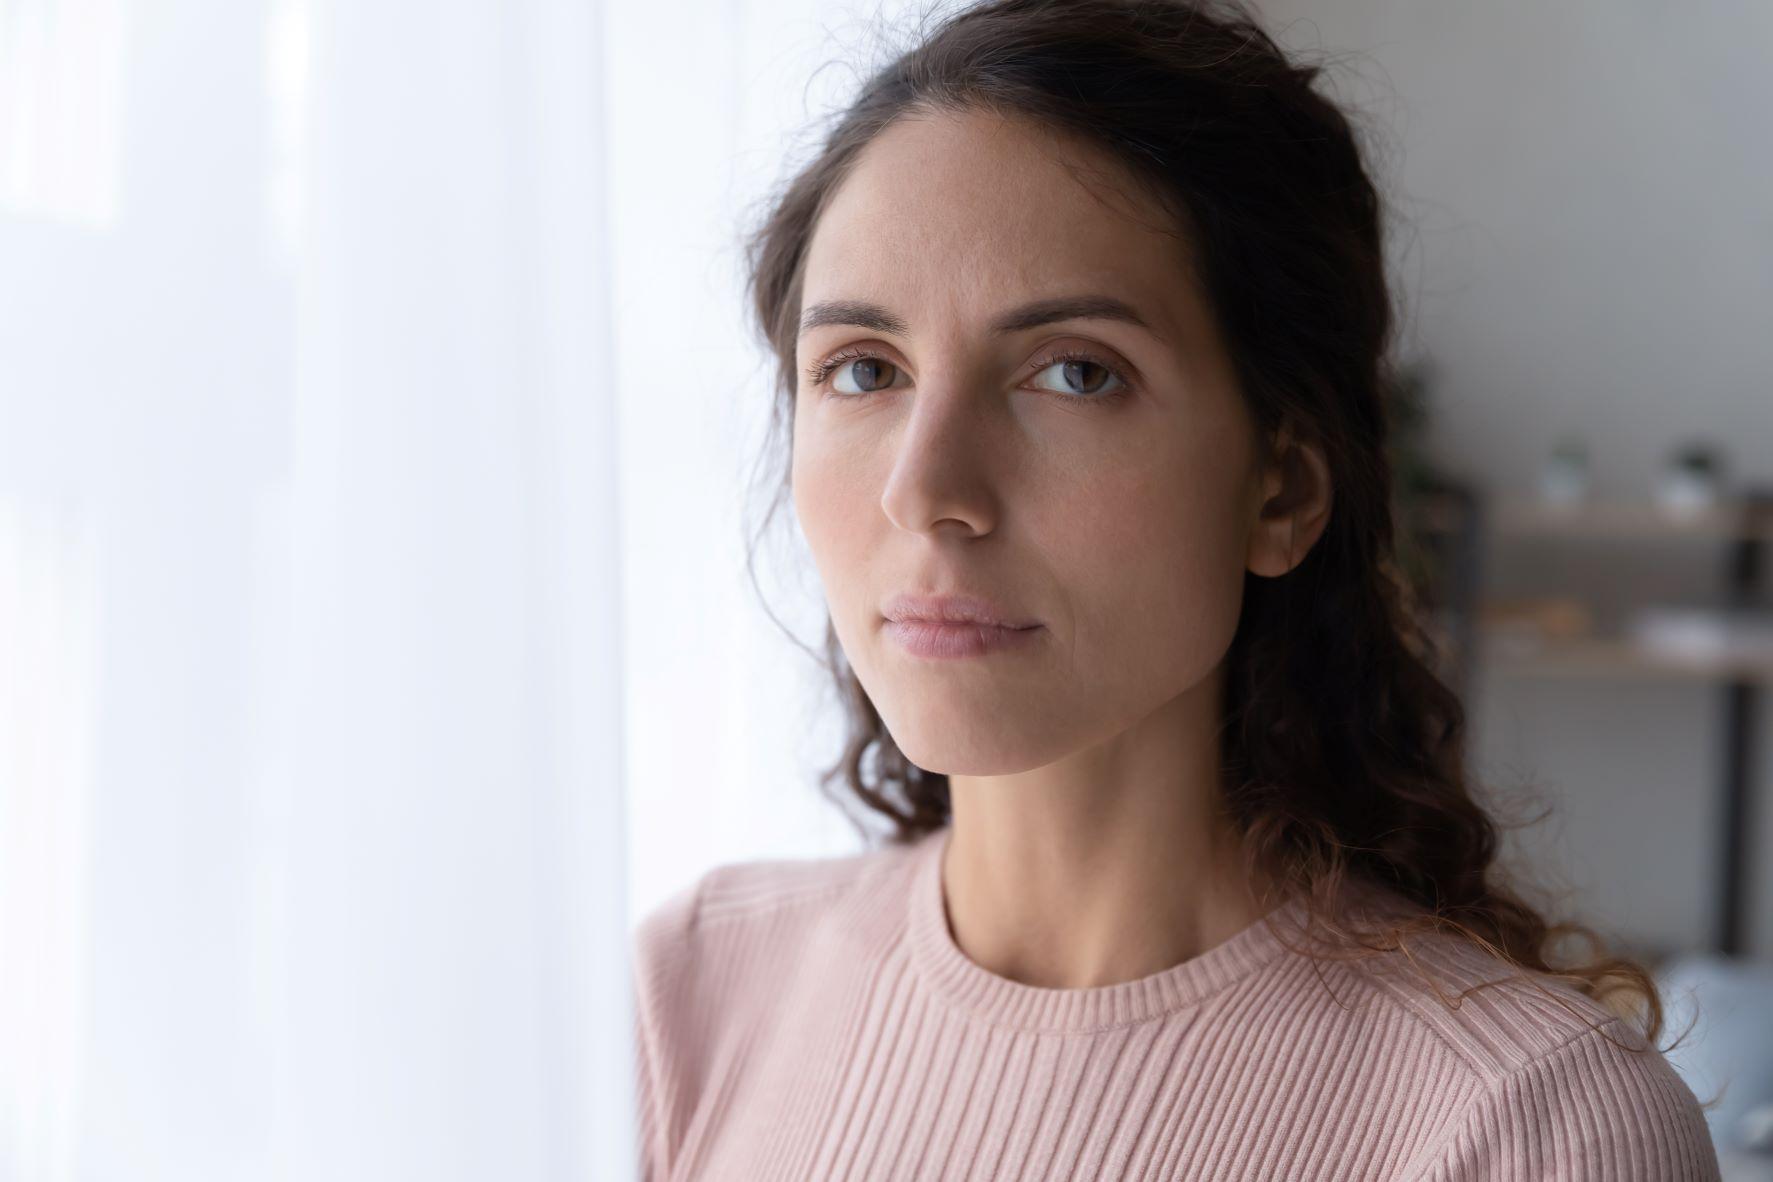 Γιατί οι Ασθενείς με Αυτοάνοσο Πρέπει να Ελέγξουν τις Ελλείψεις τους